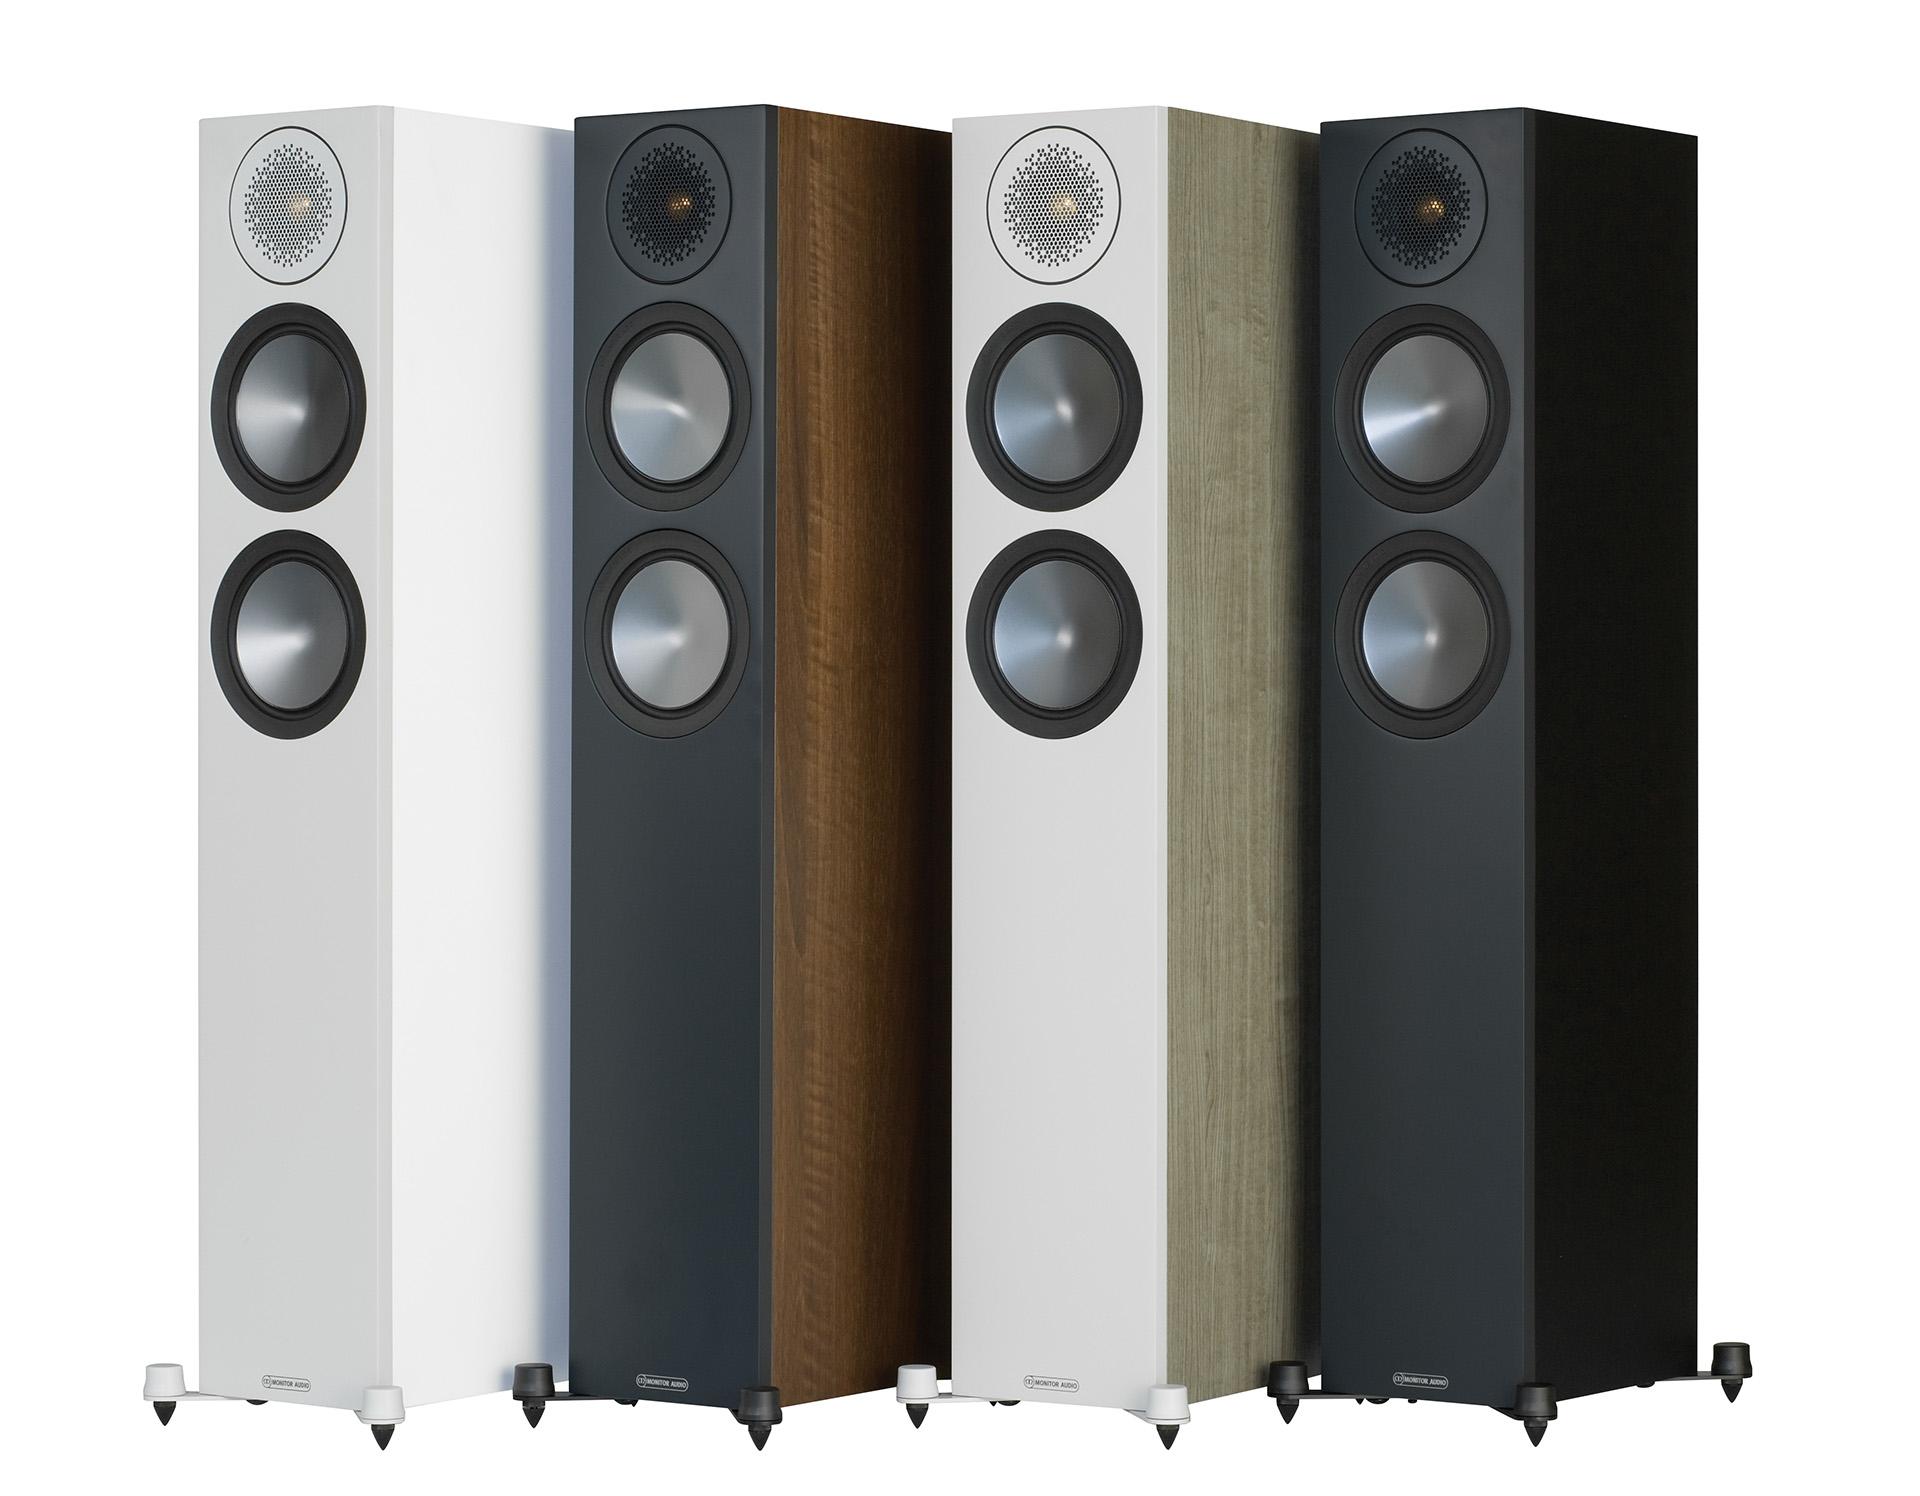 Baм нужно их услышать: Саймон Лукас под впечатлением от Monitor Audio Bronze 200